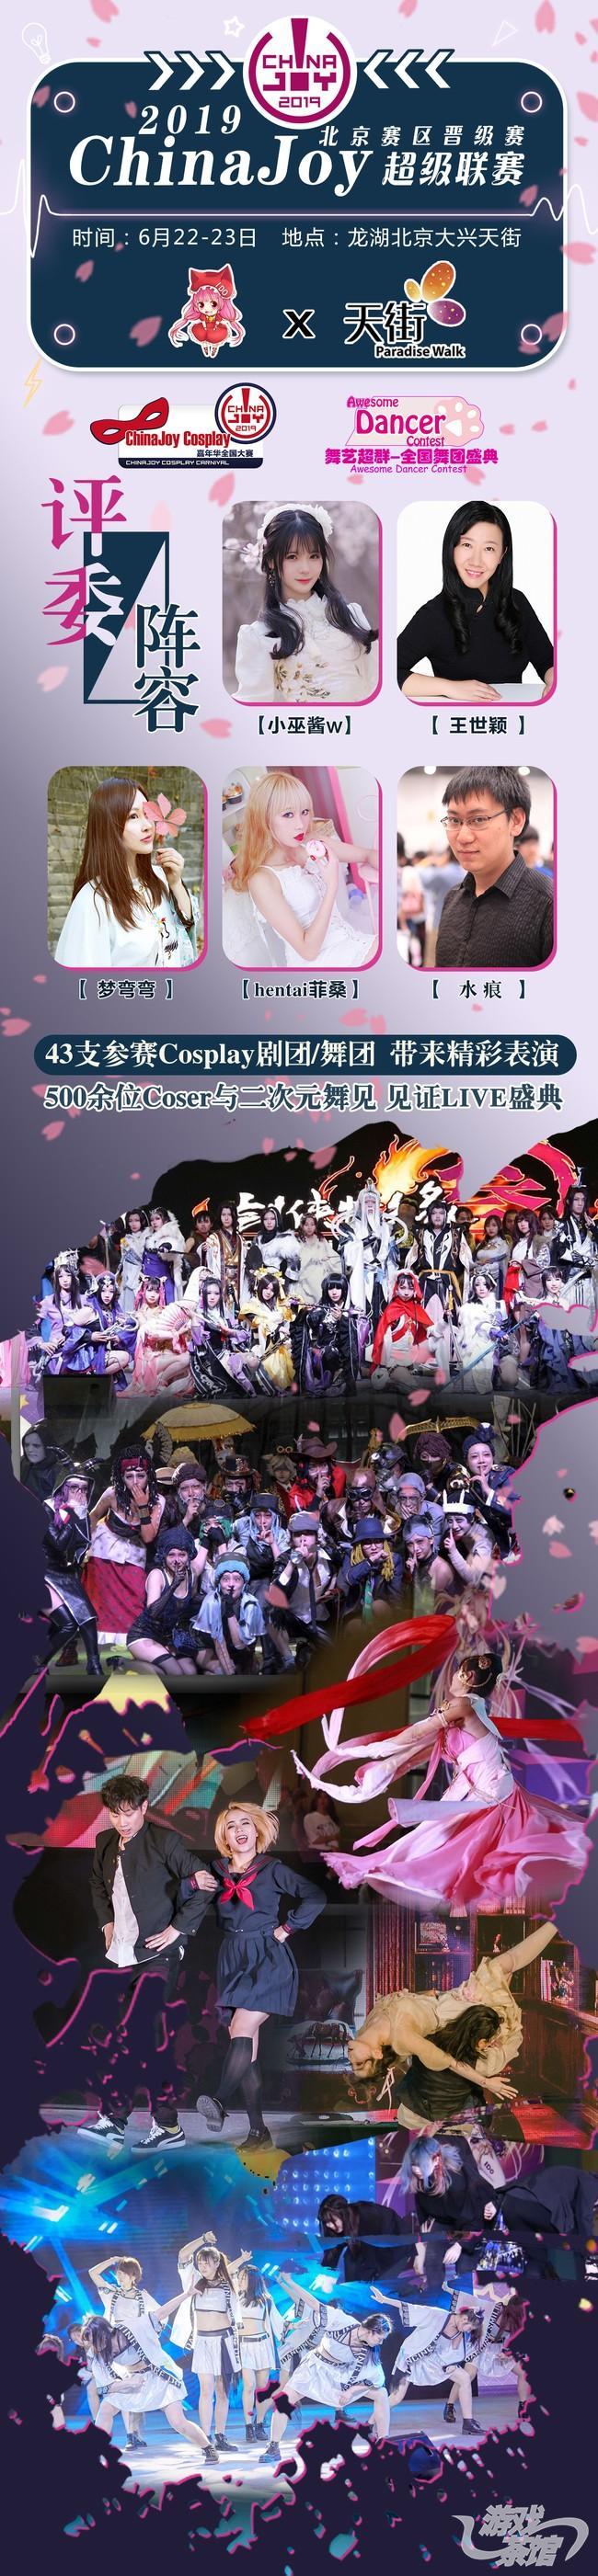 【IDO漫展×CJ】距CJ北京赛区晋级赛还有3天!大家准备好了吗?